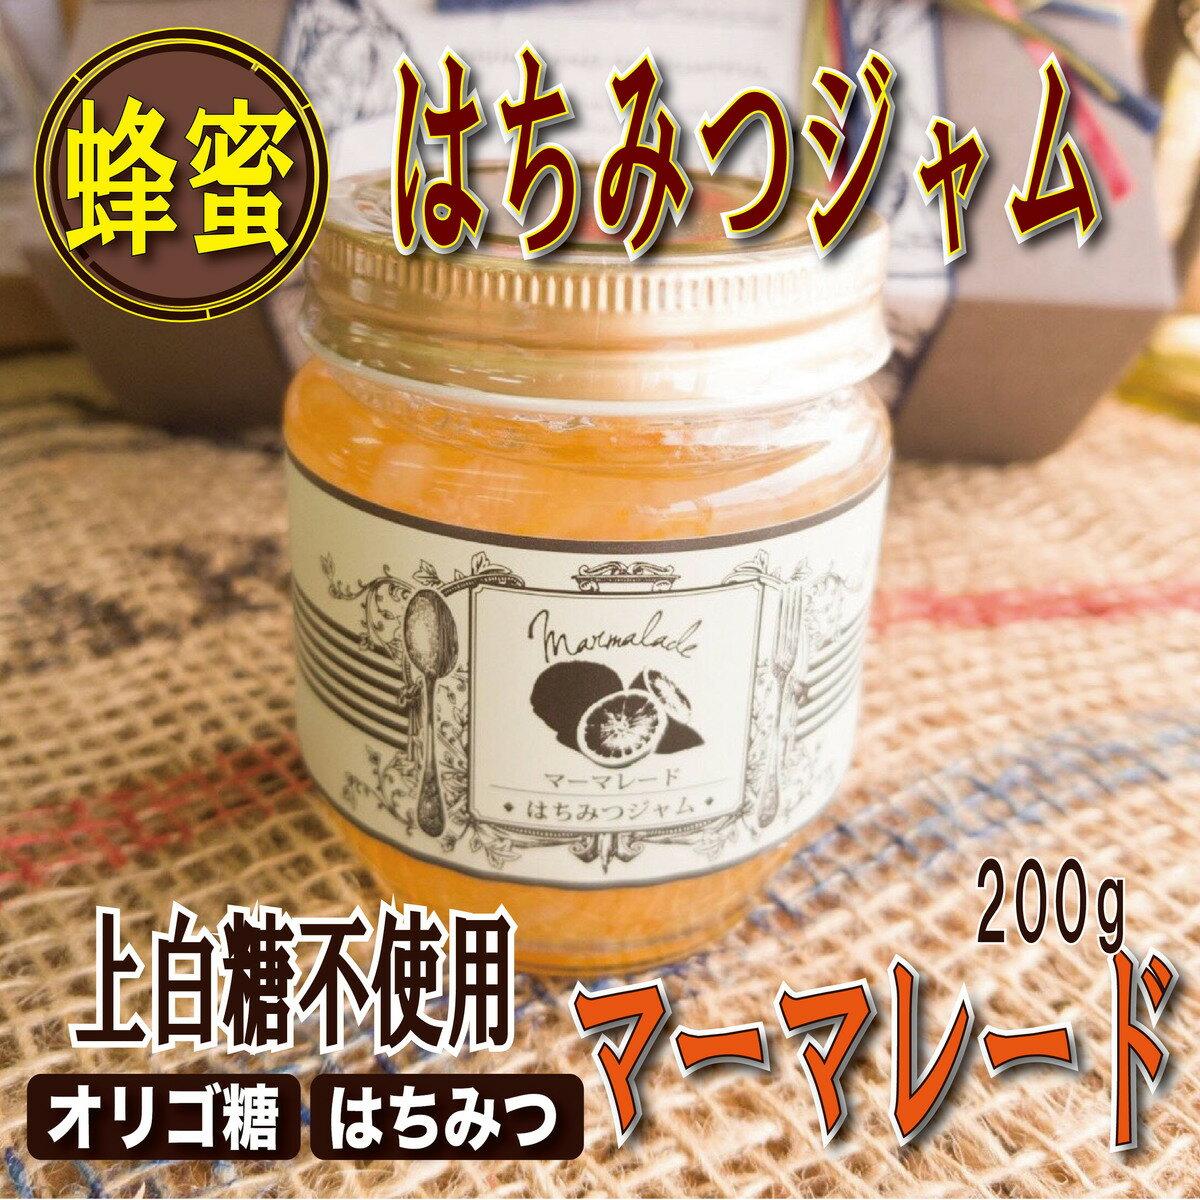 再入荷!はちみつ マーマレード ジャム 砂糖不使用 蜂蜜 オリゴ糖 安心 安全